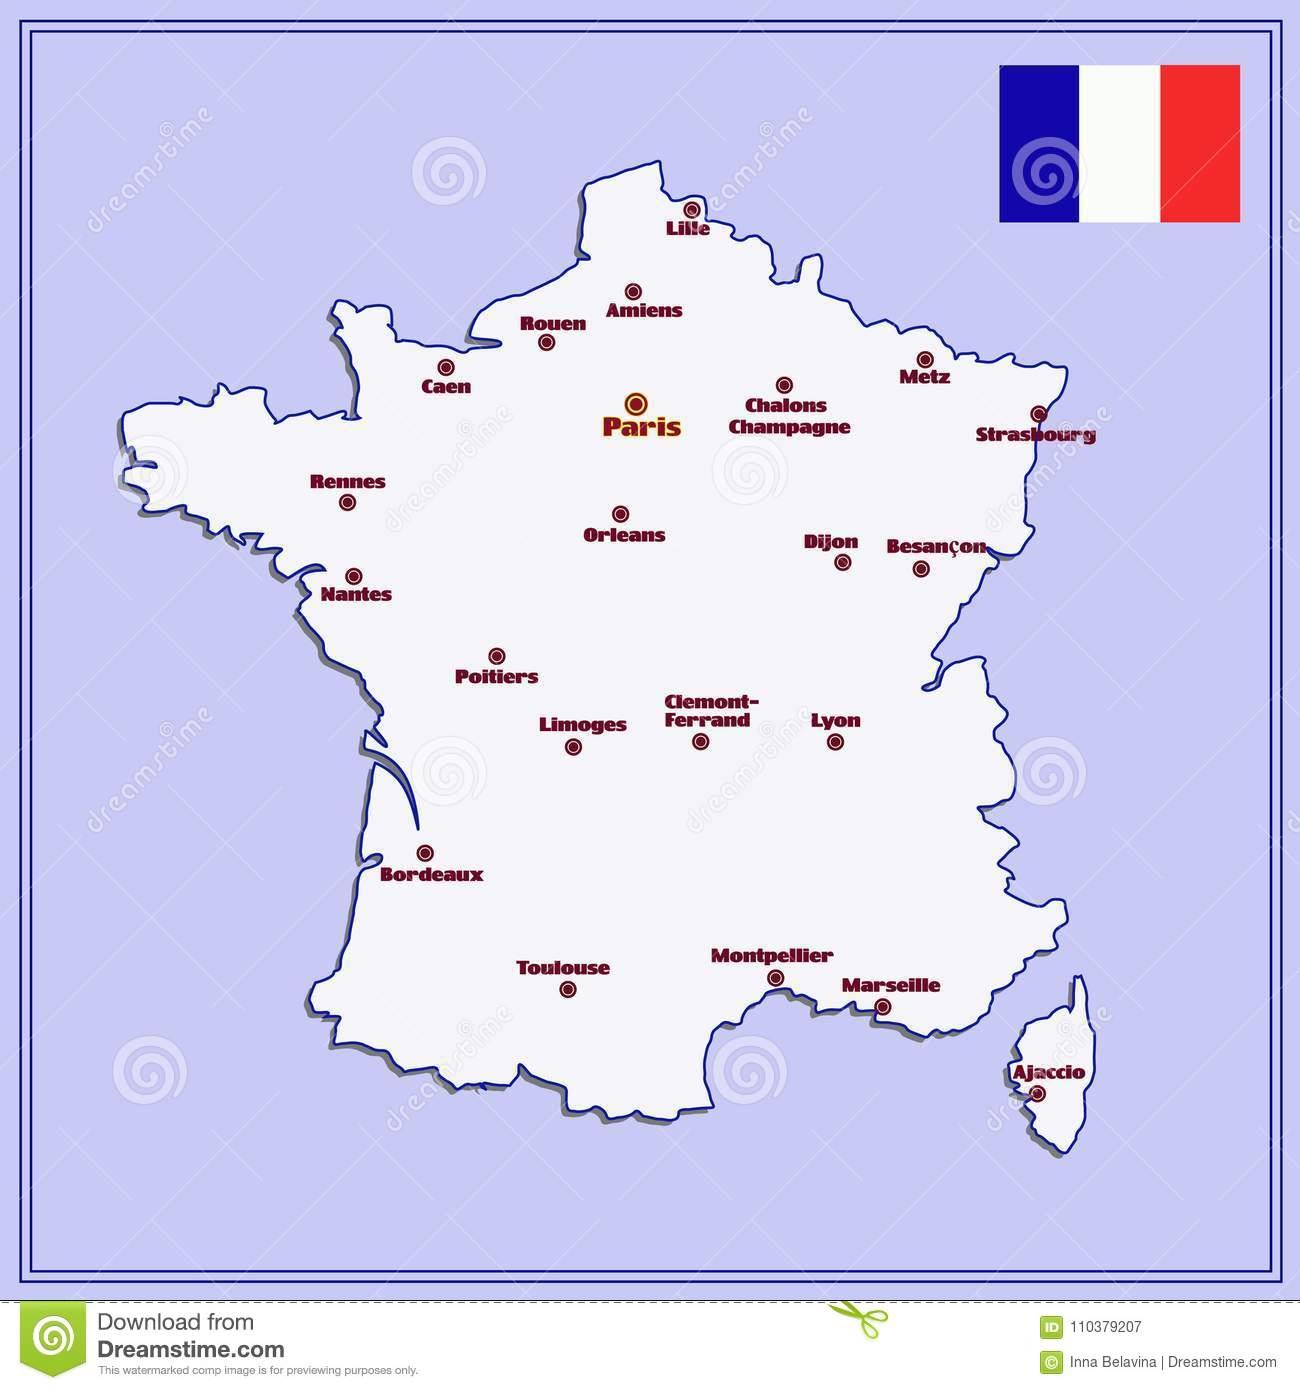 Carte Des Frances Avec De Grandes Villes Illustration Stock destiné Carte France Principales Villes